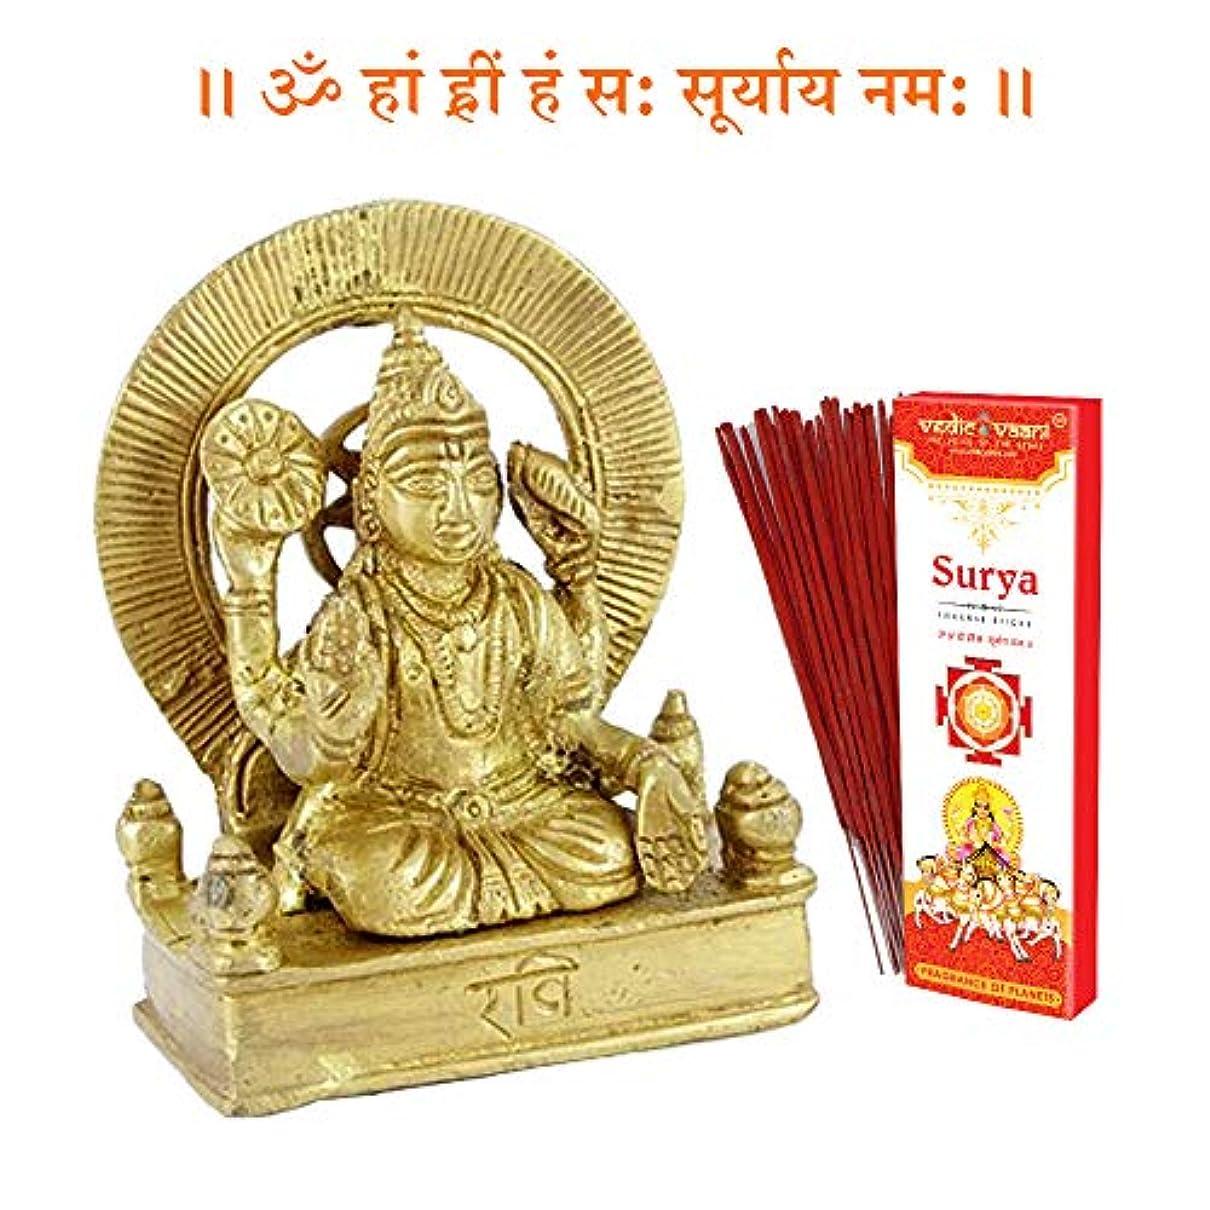 のスコア小川退屈なVedic Vaani Surya graha Idol Surya お香スティック